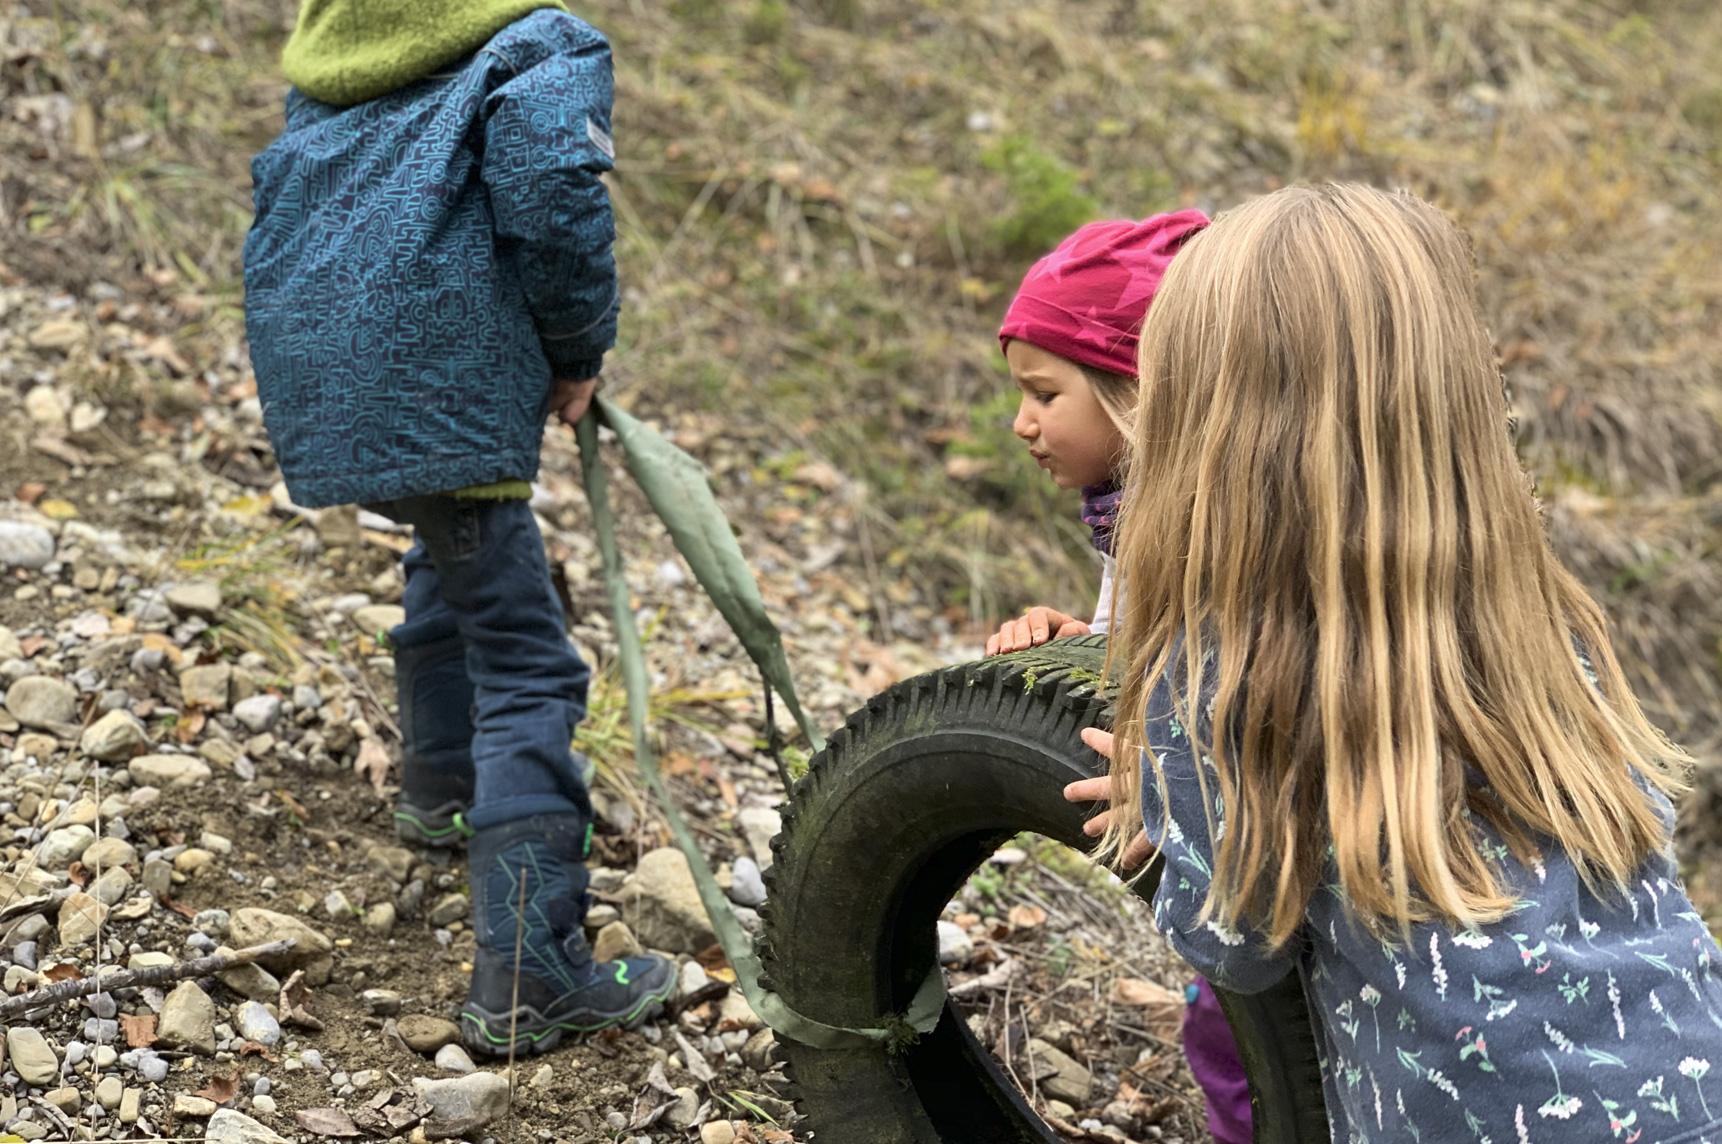 glückliche Kinder spielen mit einem alten Reifen